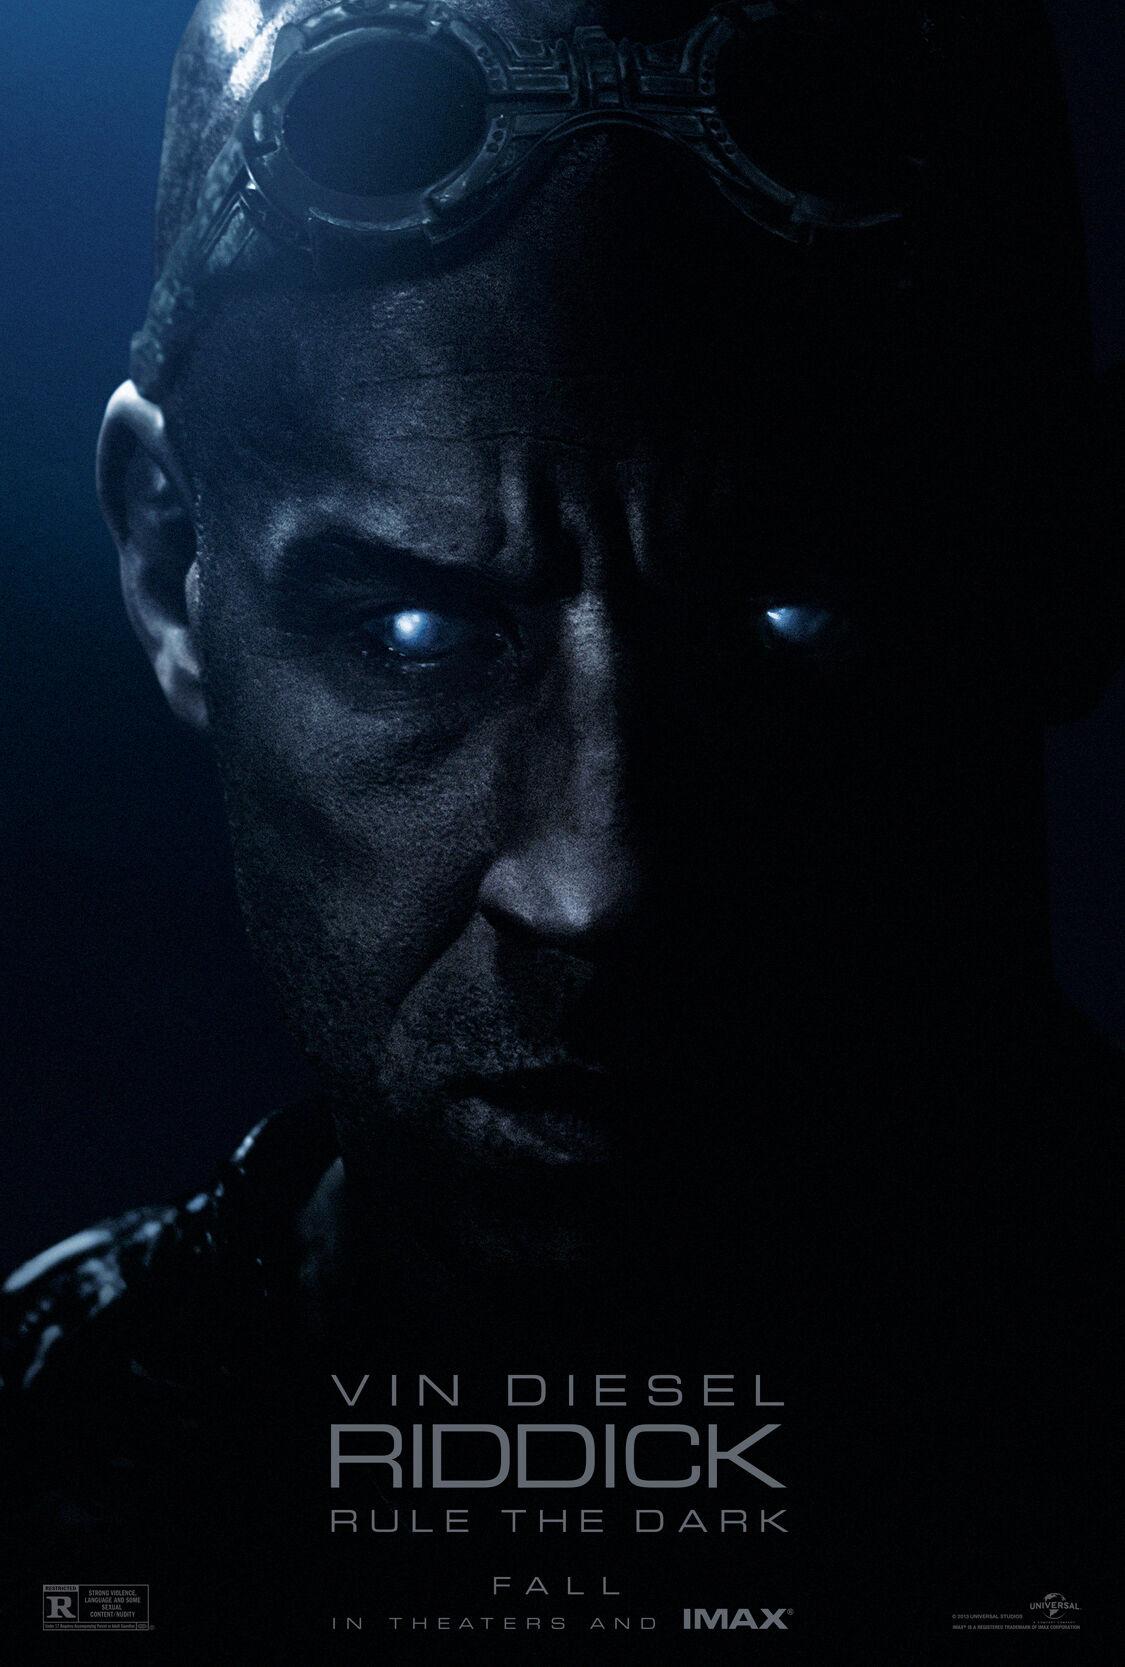 Riddick2013.jpg